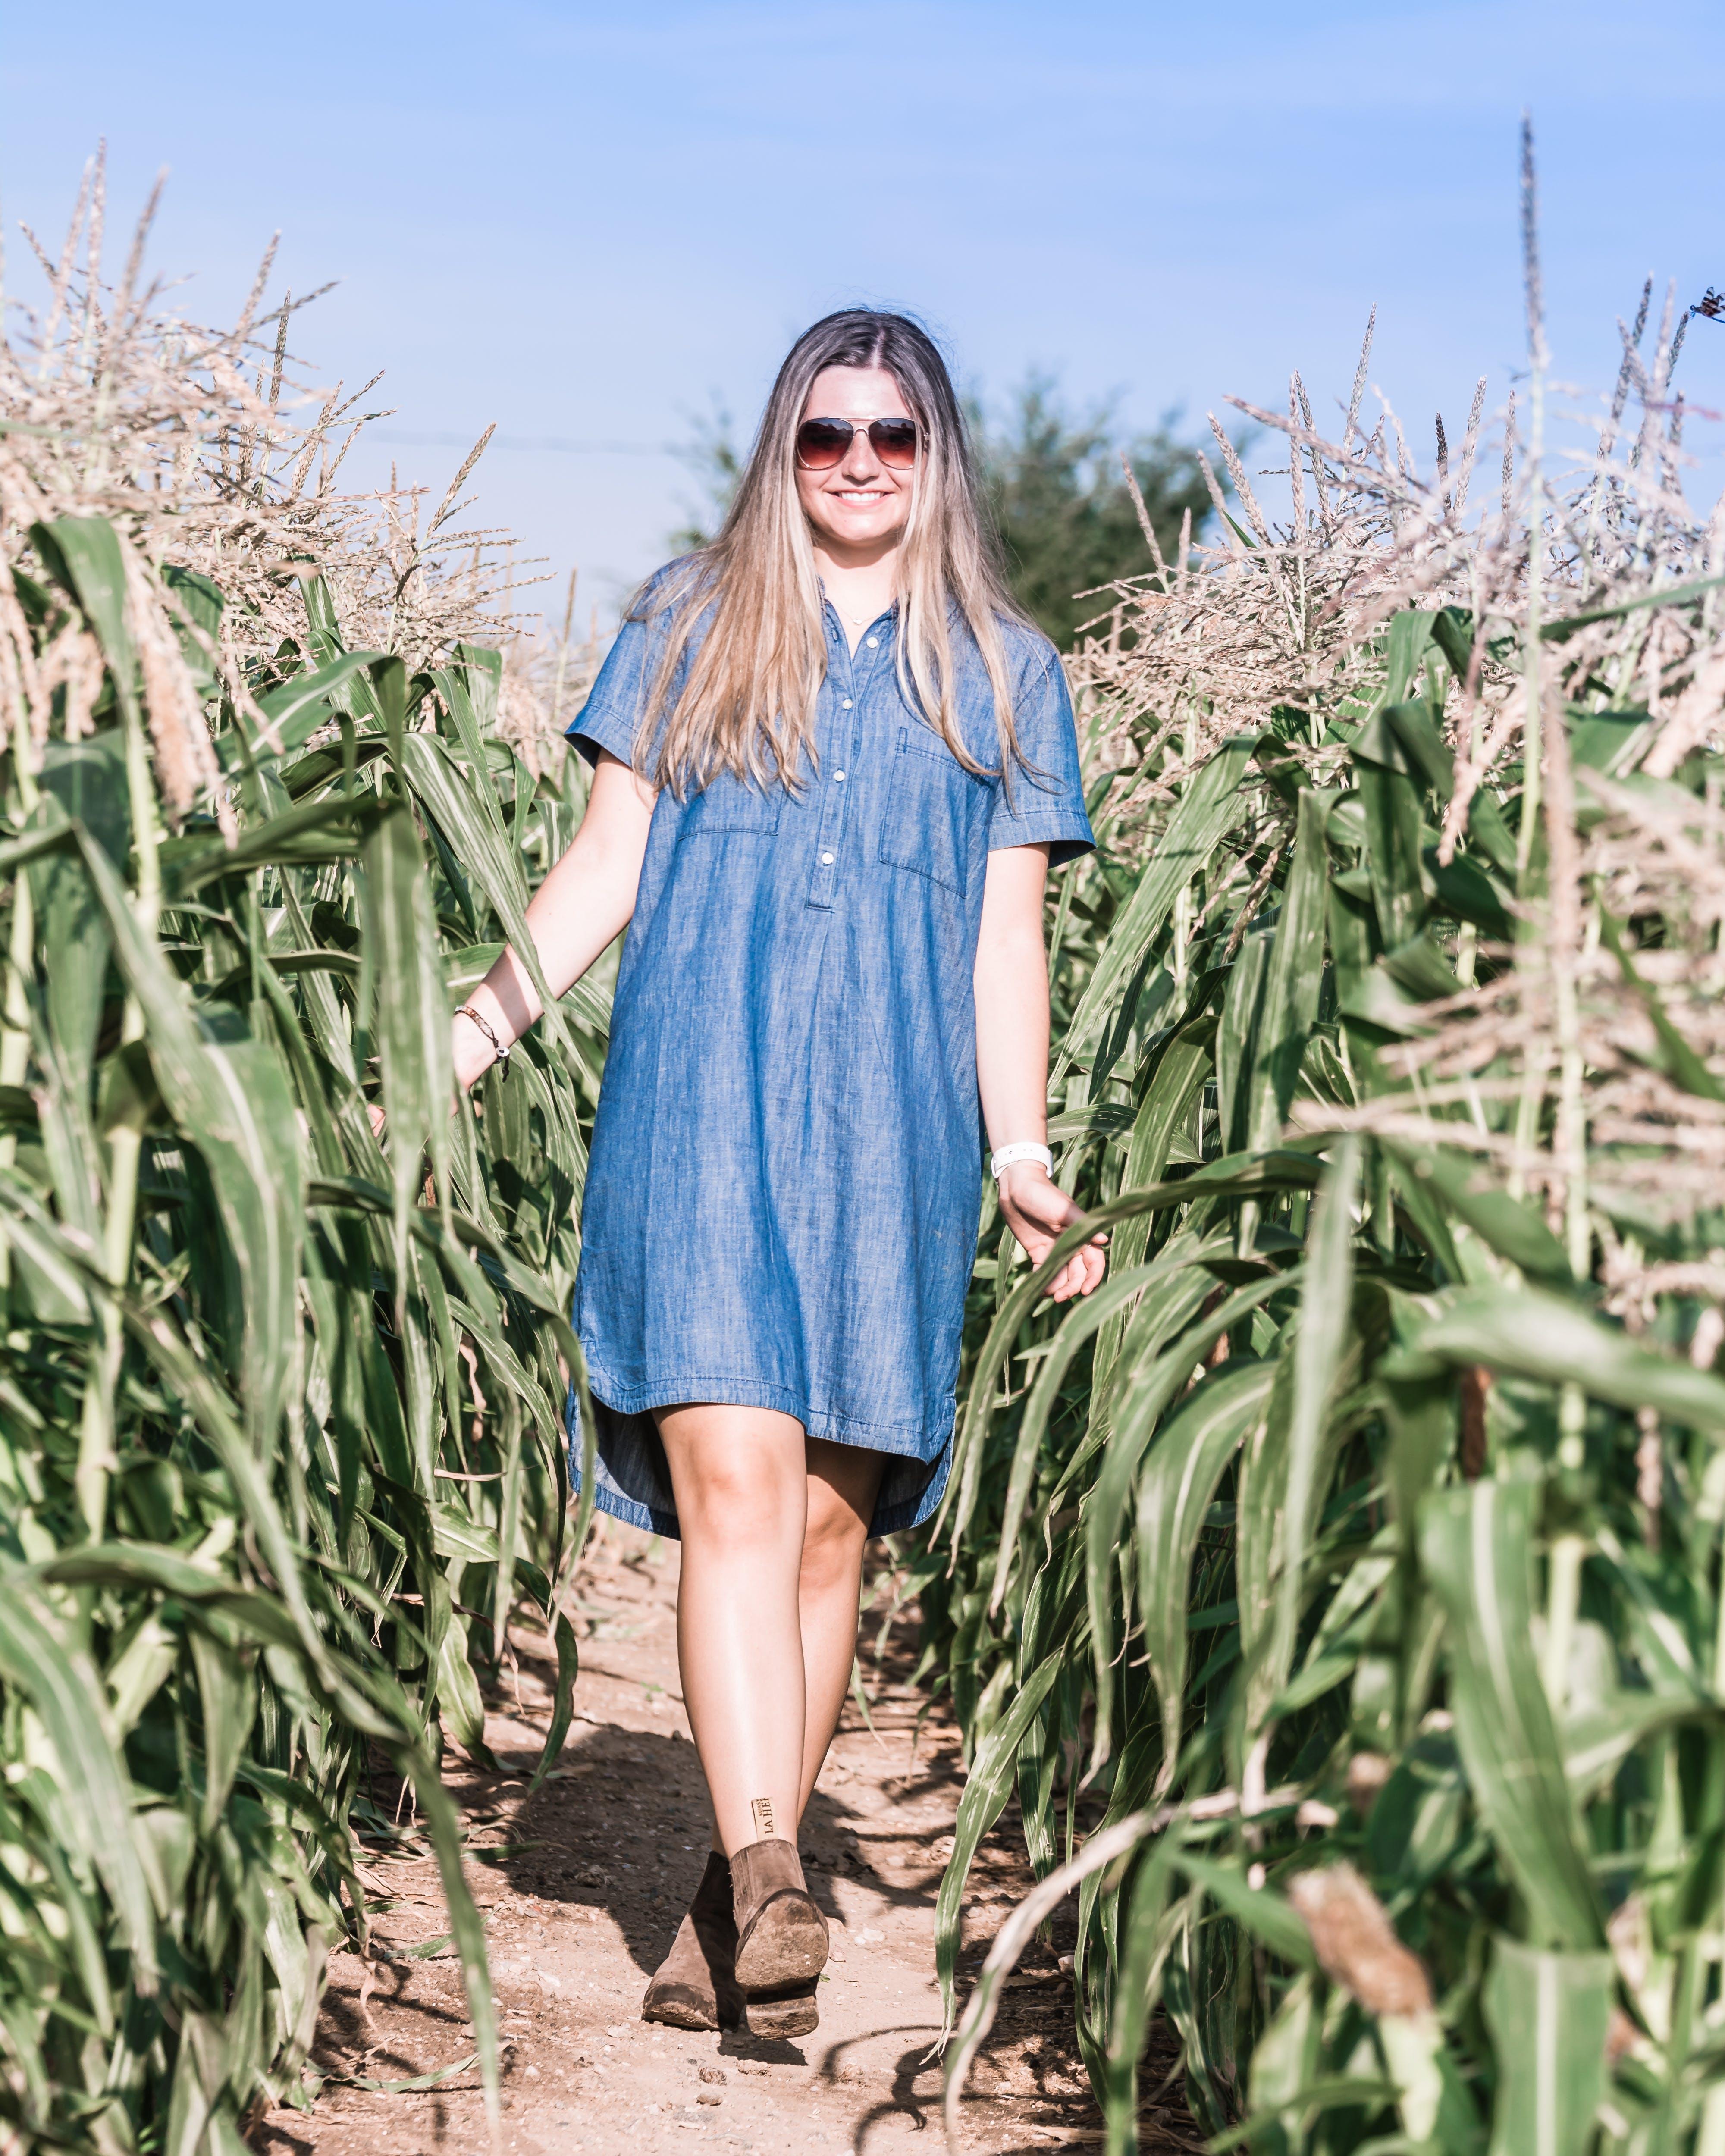 Δωρεάν στοκ φωτογραφιών με αγρόκτημα, γυαλιά ηλίου, έφηβη, καλαμπόκι